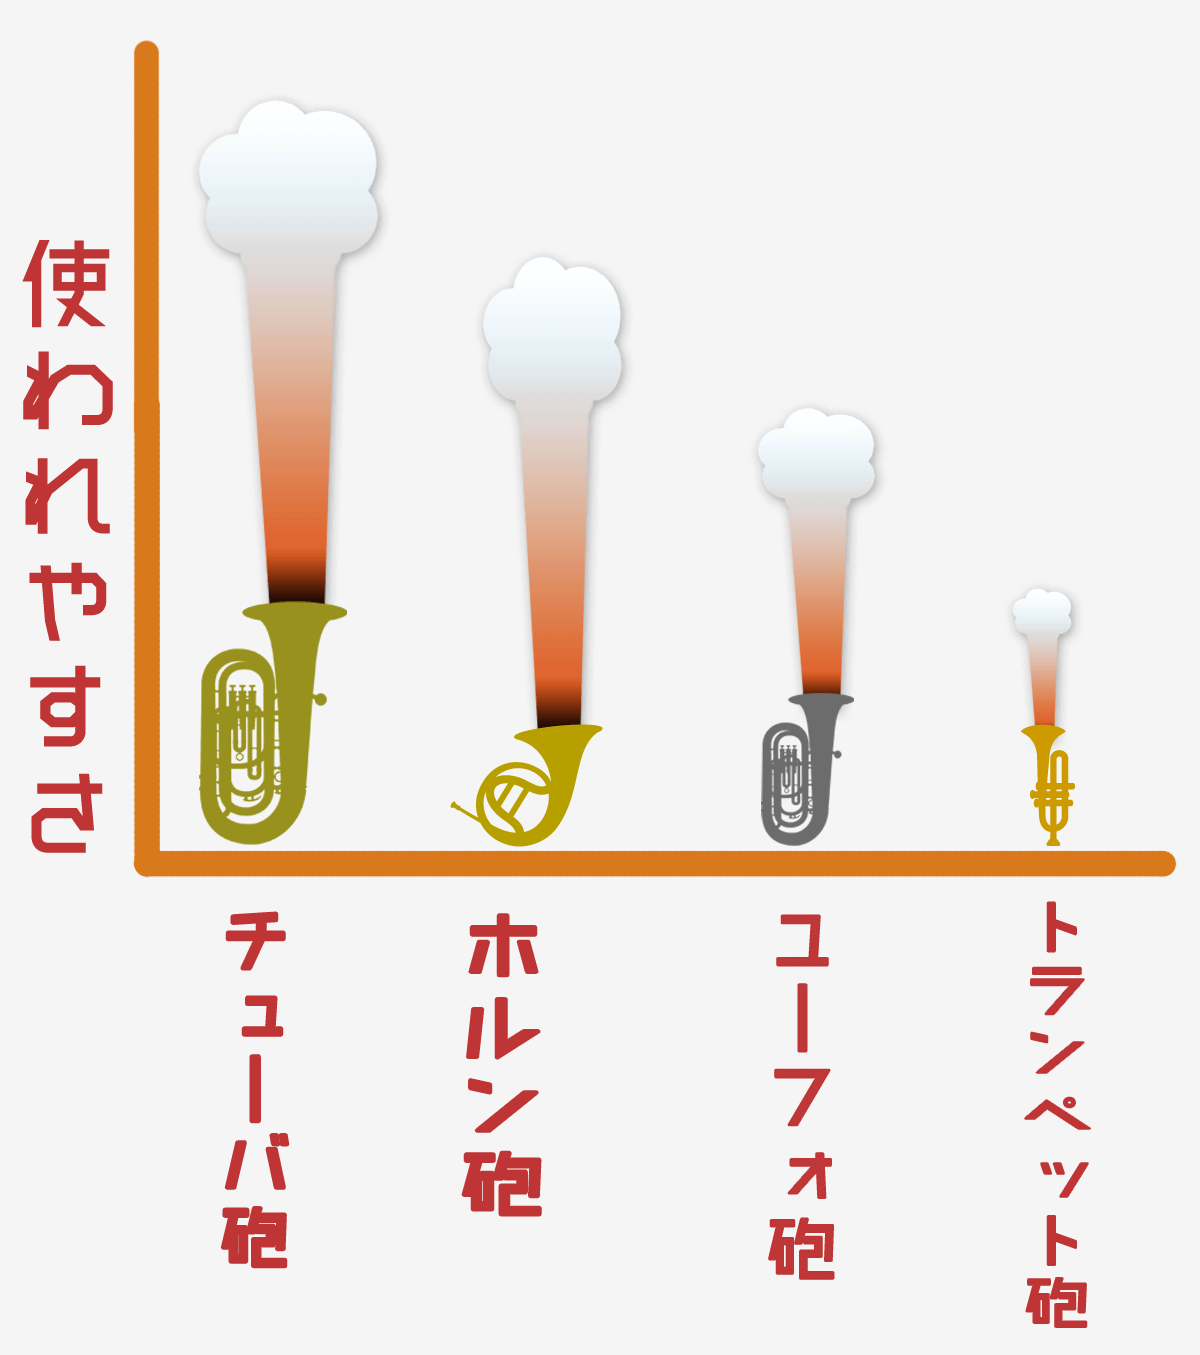 楽譜は解読困難になっていく 吹奏楽部にしかわからない12のグラフ 笑うメディア クレイジー